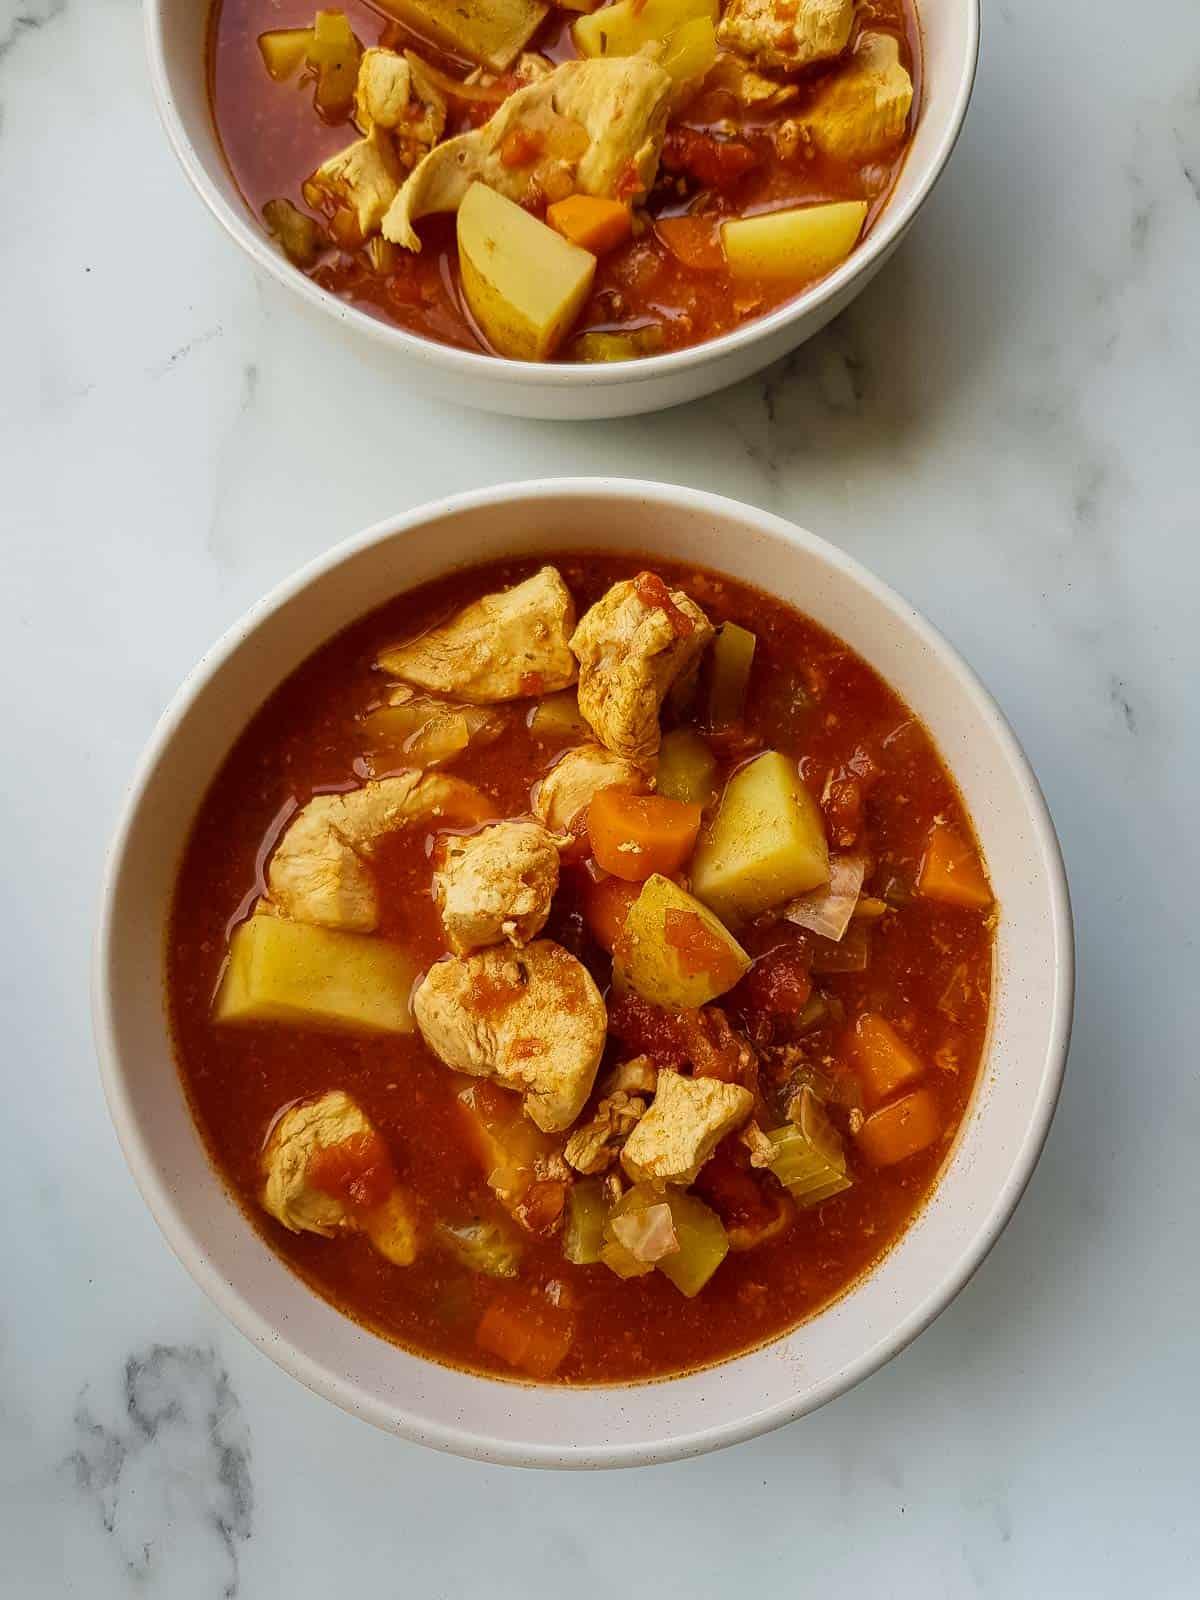 Chicken stew in bowls.